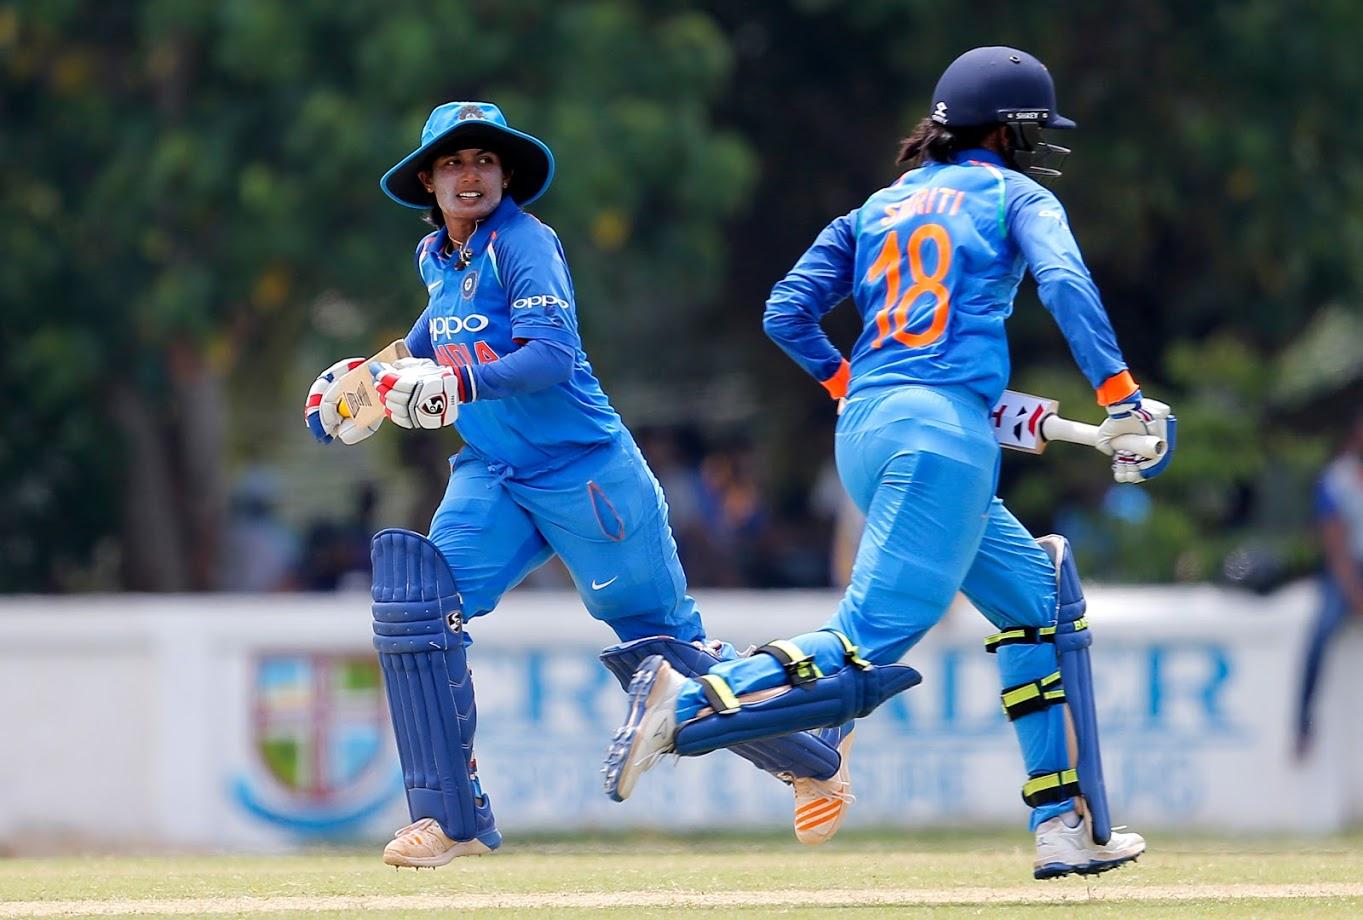 मंगळवारी भारत आणि न्यूझीलंड दरम्यानच्या मॅचमध्ये खेळताना मिताली राजने नाबाद 63 धावा केल्या आणि भारतीय टीमच्या विजयात मोठा वाटा उचलला. भारताने या मॅचसह न्यूझीलंडविरुद्धची सीरिज जिंकली आहे आणि ऐतिहासिक कामगिरी केली आहे.